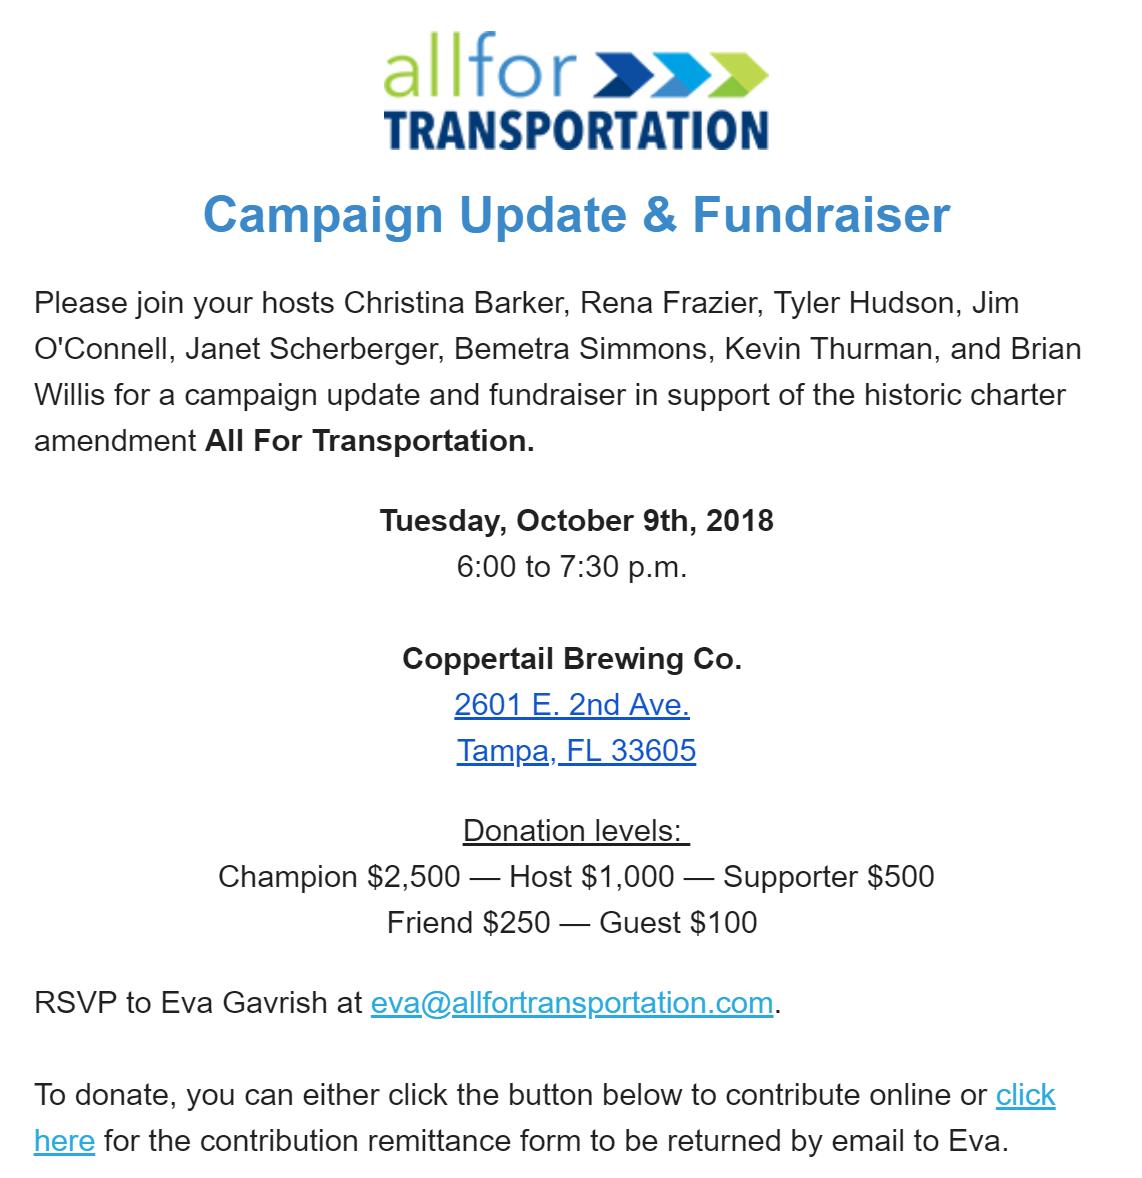 All for Transportation fundraiser - 10.9.2018